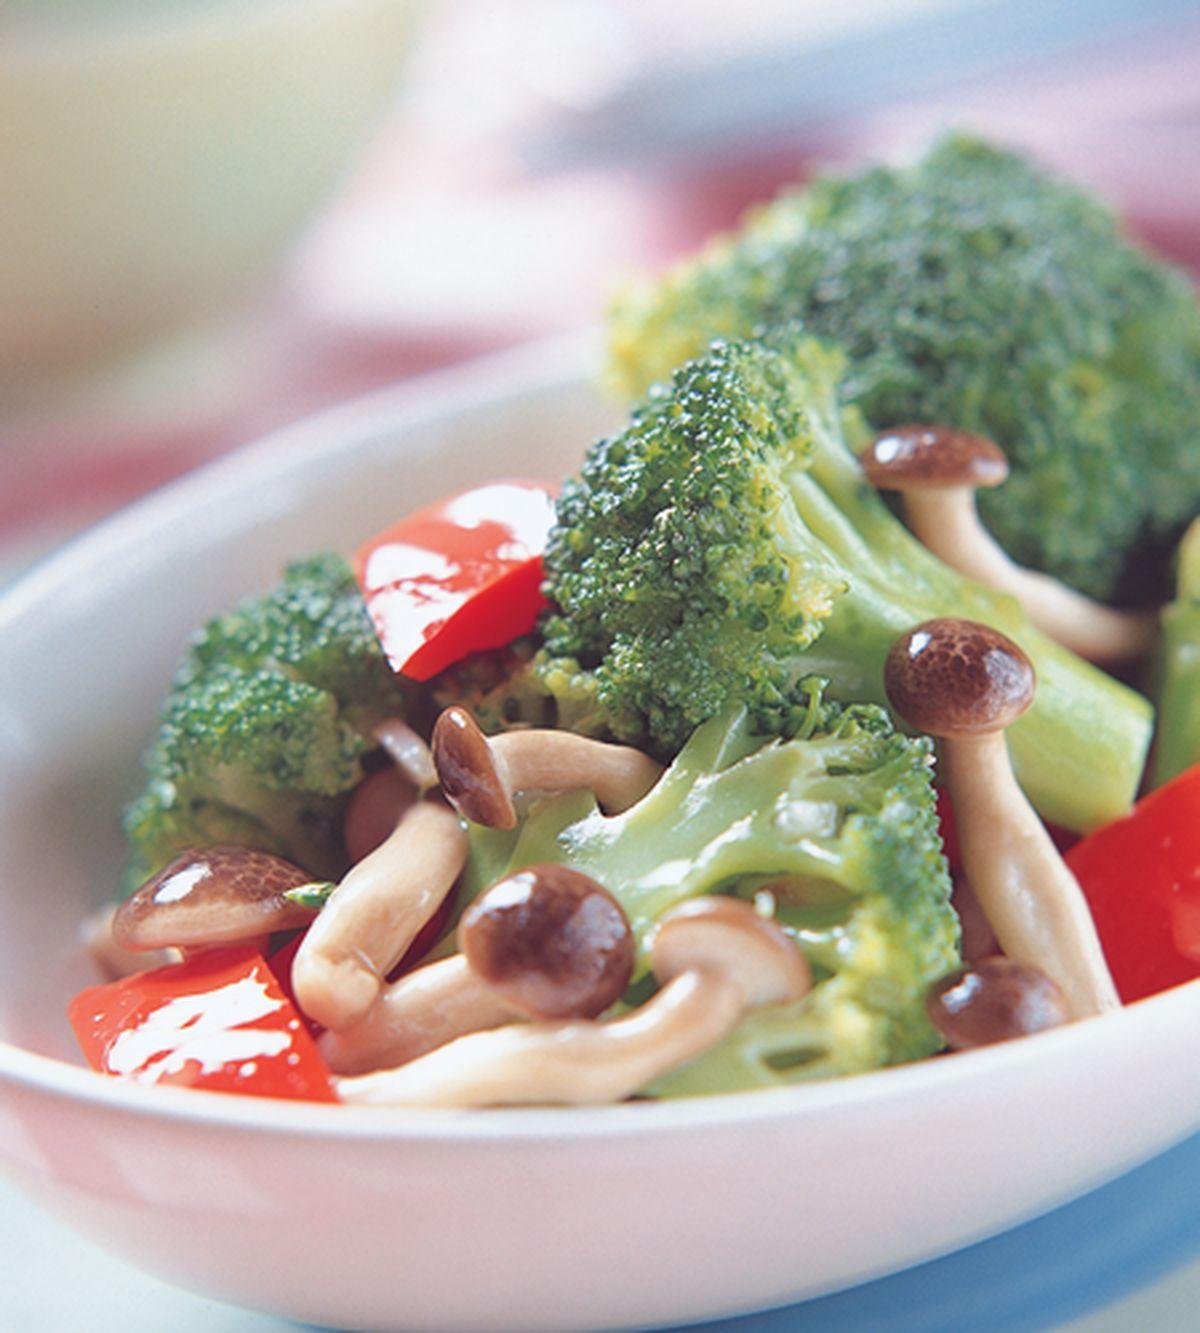 食譜:鴻禧菇炒花椰菜